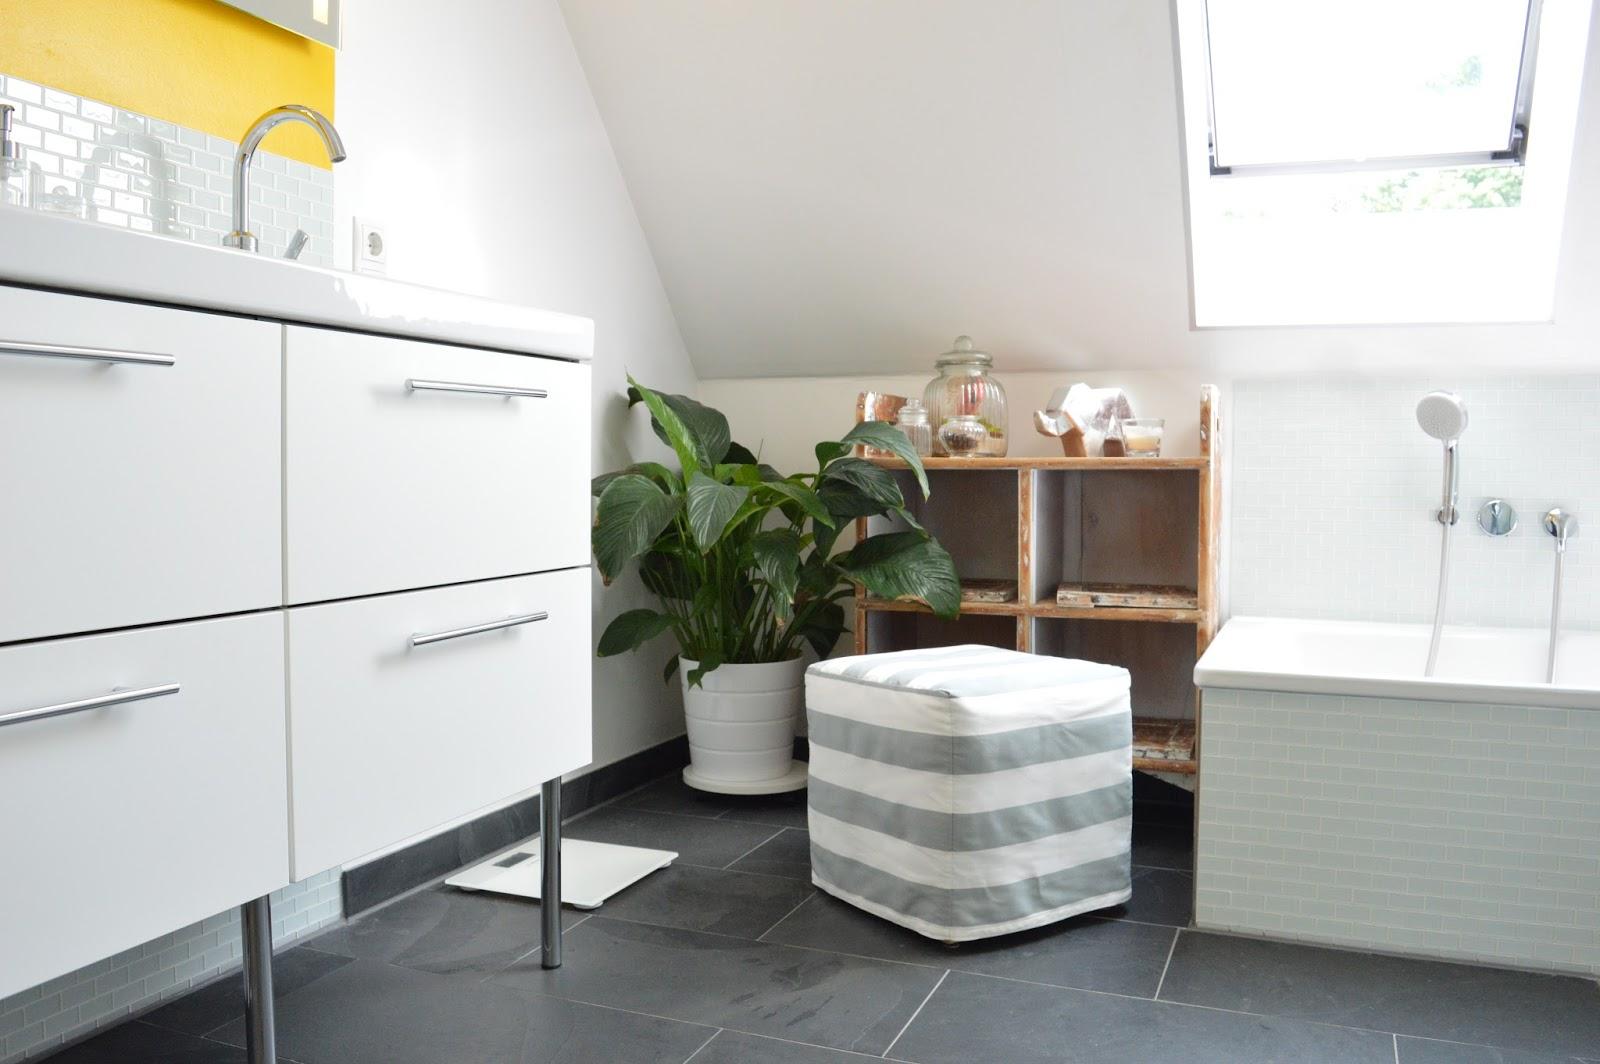 heim elich hocker husse bad 4 0. Black Bedroom Furniture Sets. Home Design Ideas